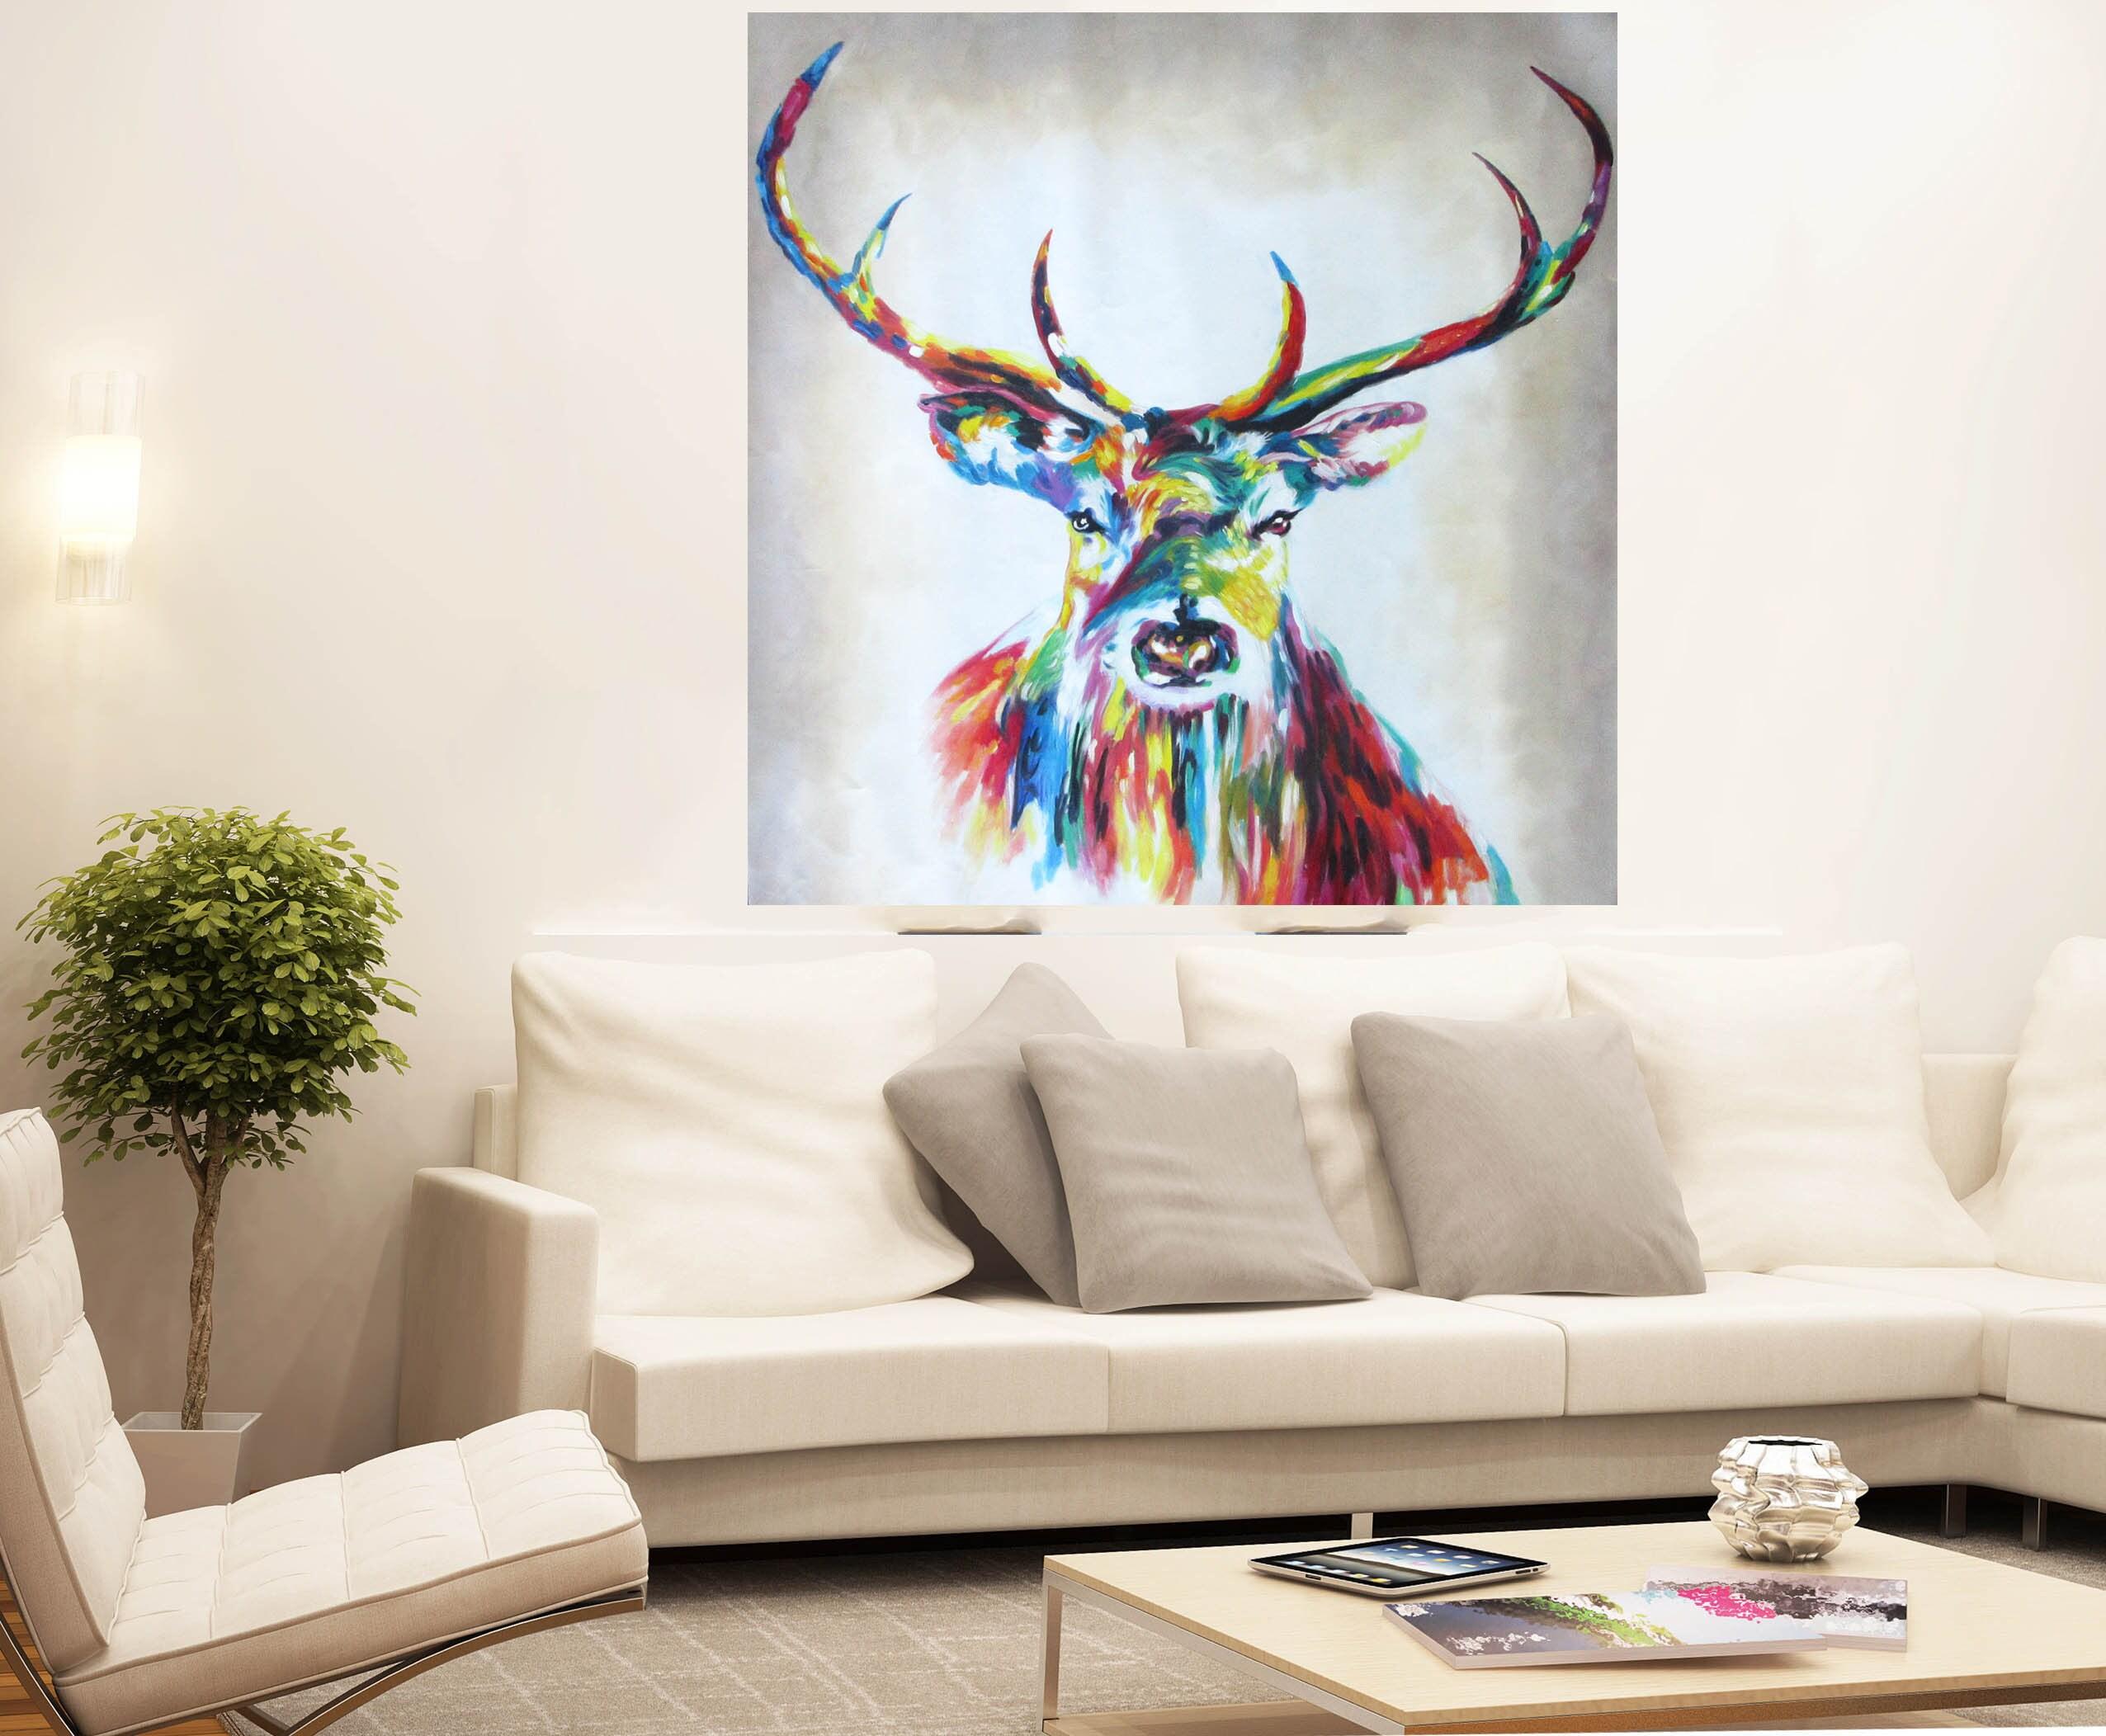 Graffiti Street Art Stag deer Moose Print Large Canvas Painting Australia